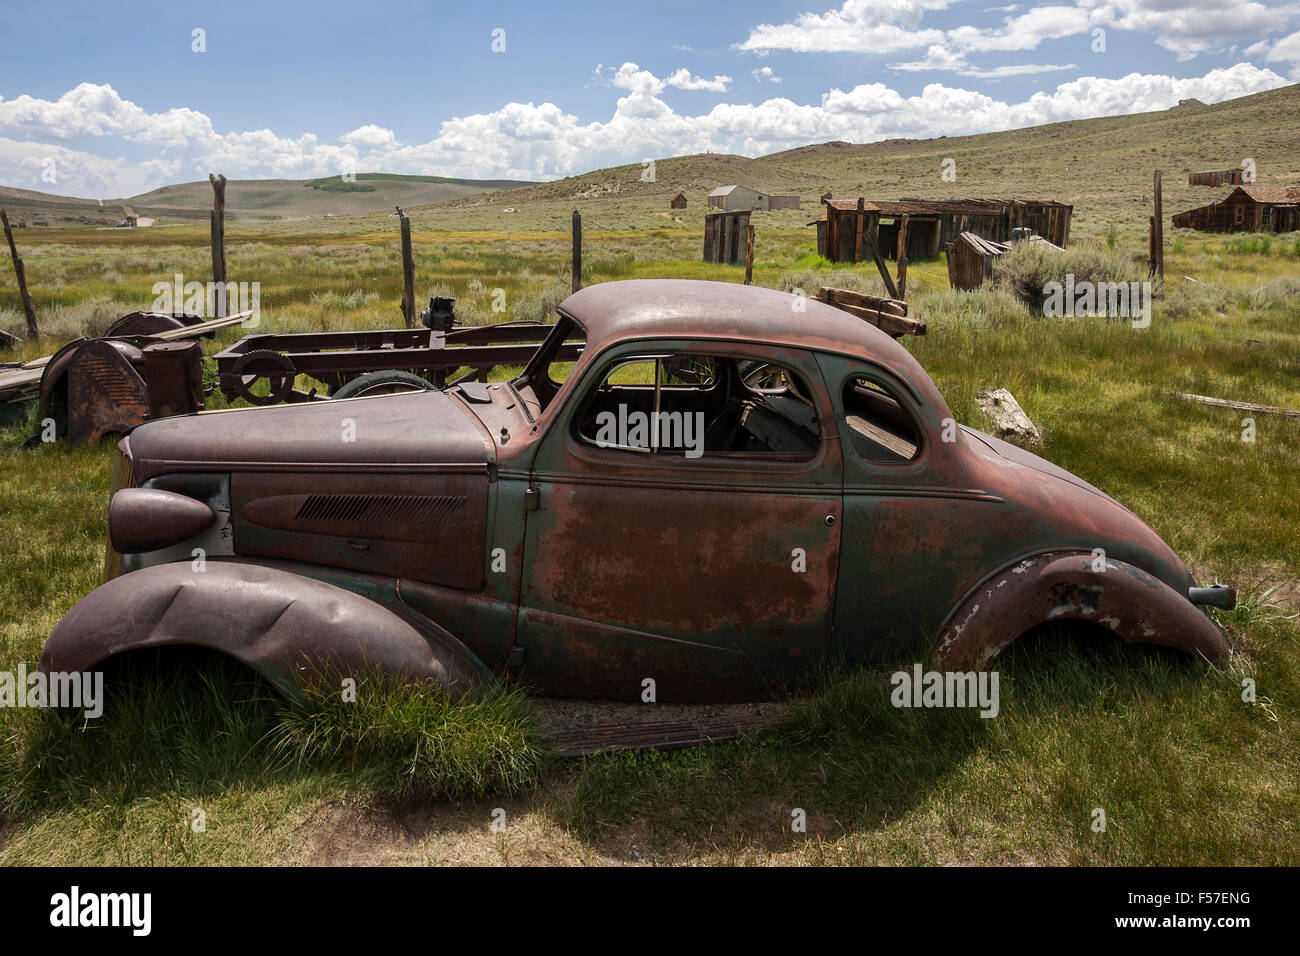 Vieille voiture rouillée construit dans les années 30, Ville Fantôme, ancienne ville minière, Photo Stock